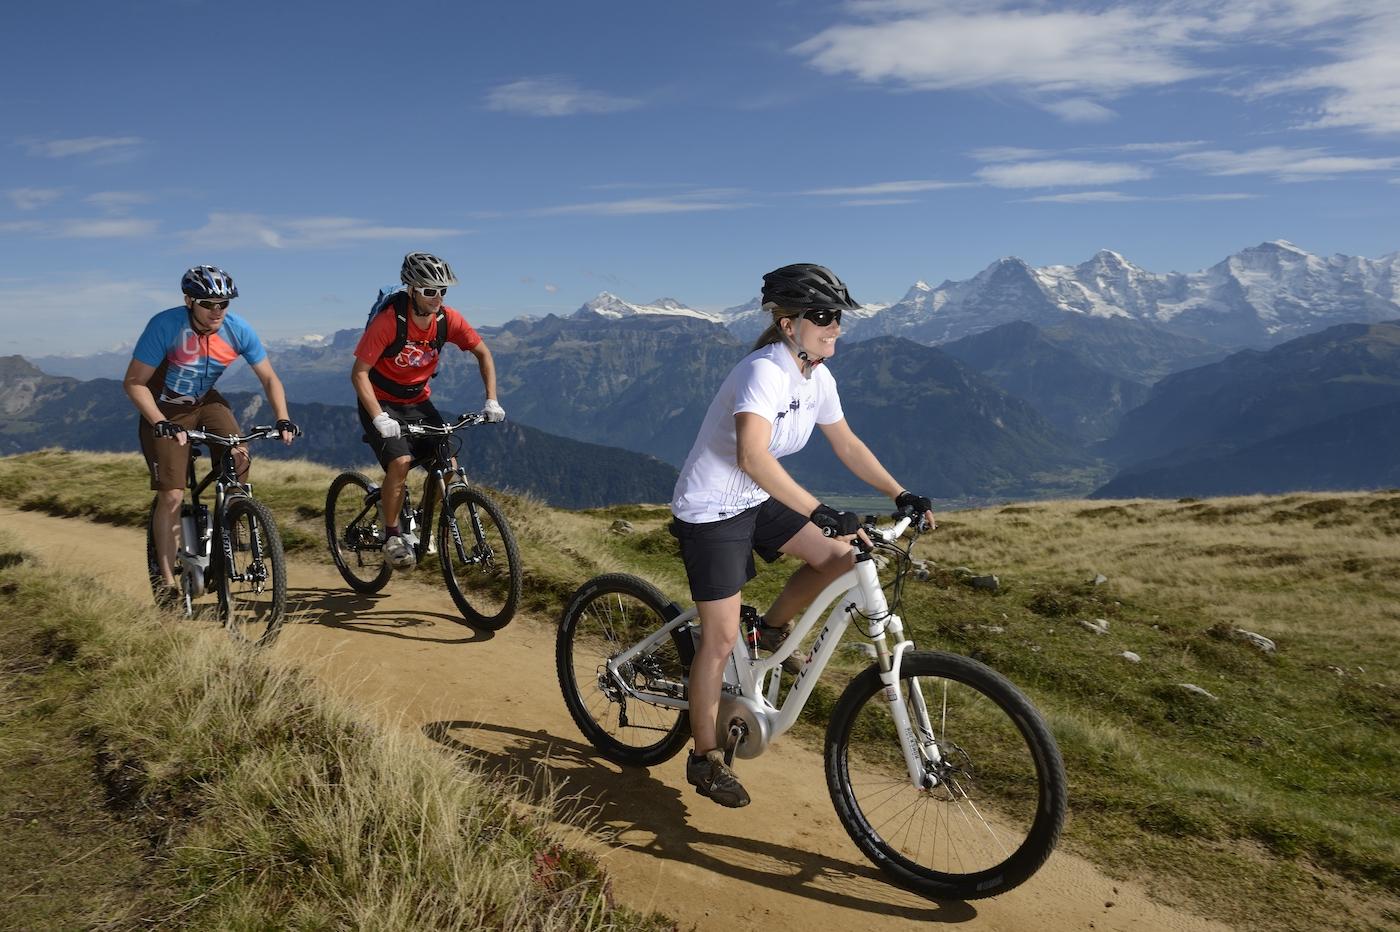 Bei den E-Bikes ist die Schweiz spitze: Marken wie Flyer, Stromer und Stöckli bieten Schweizer Ingenieurskunst an. (Keystone)